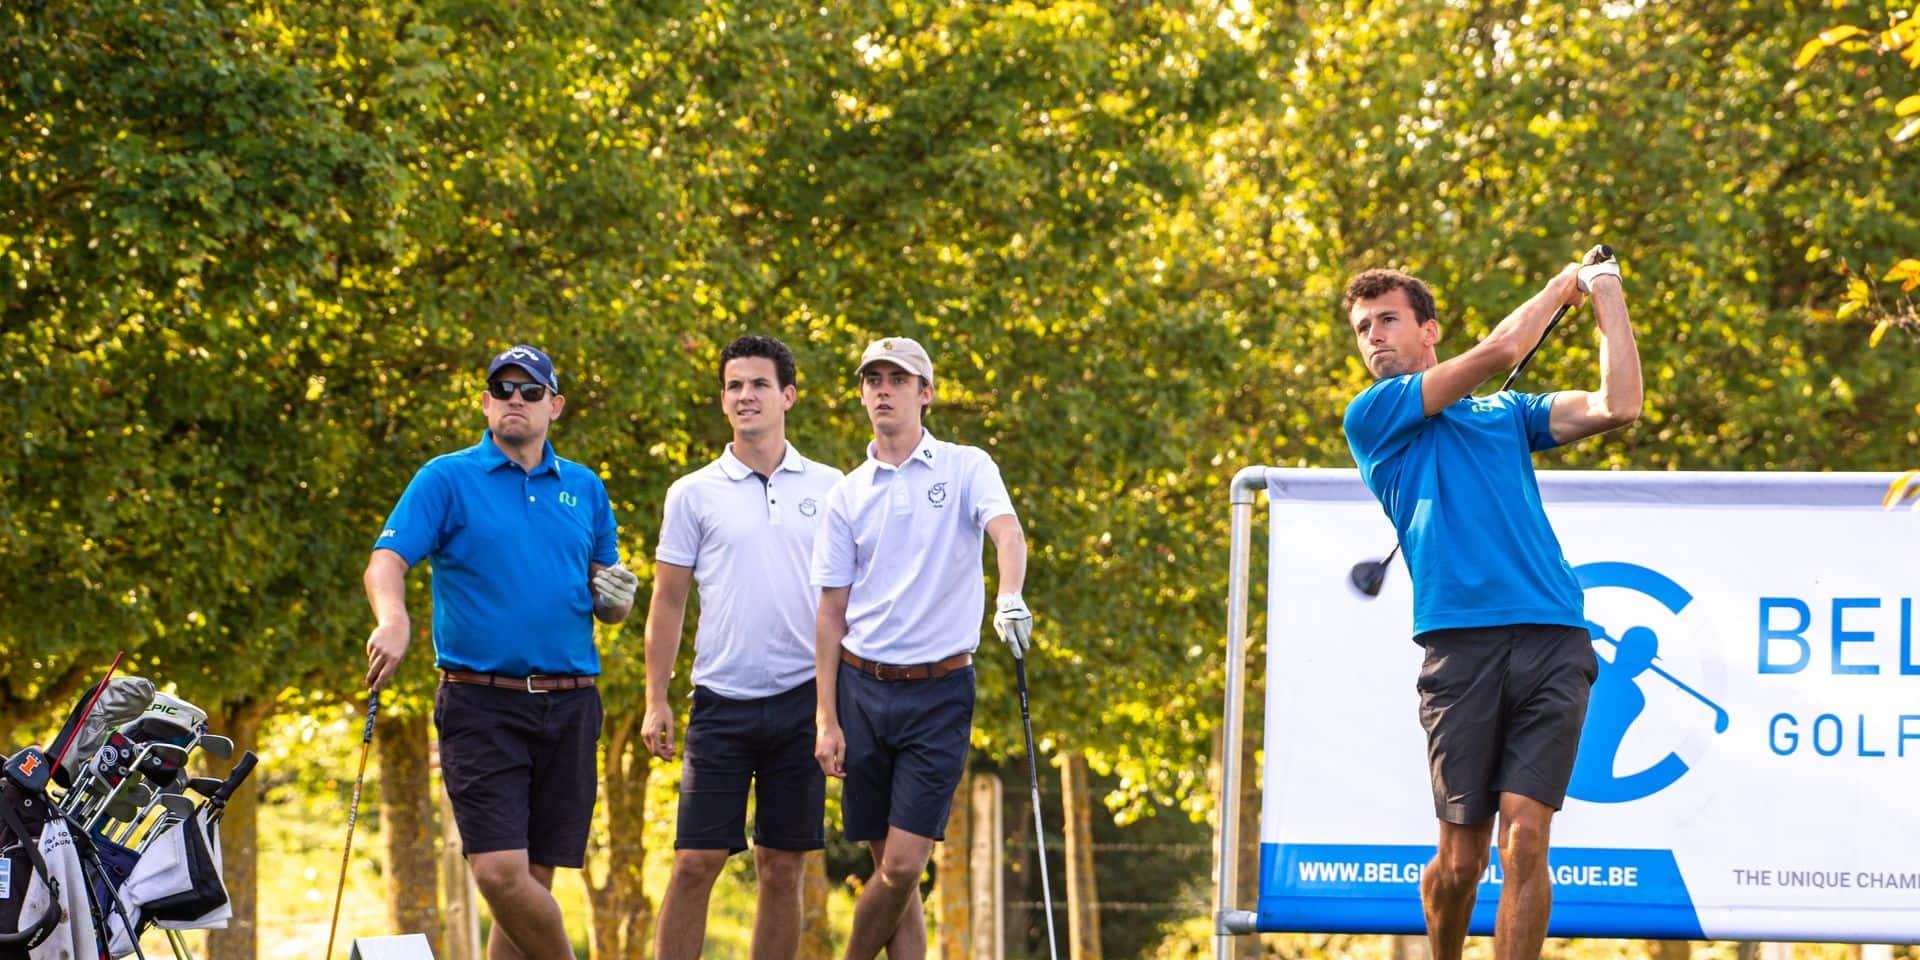 Les nouvelles ambitions de la Belgian Golf League